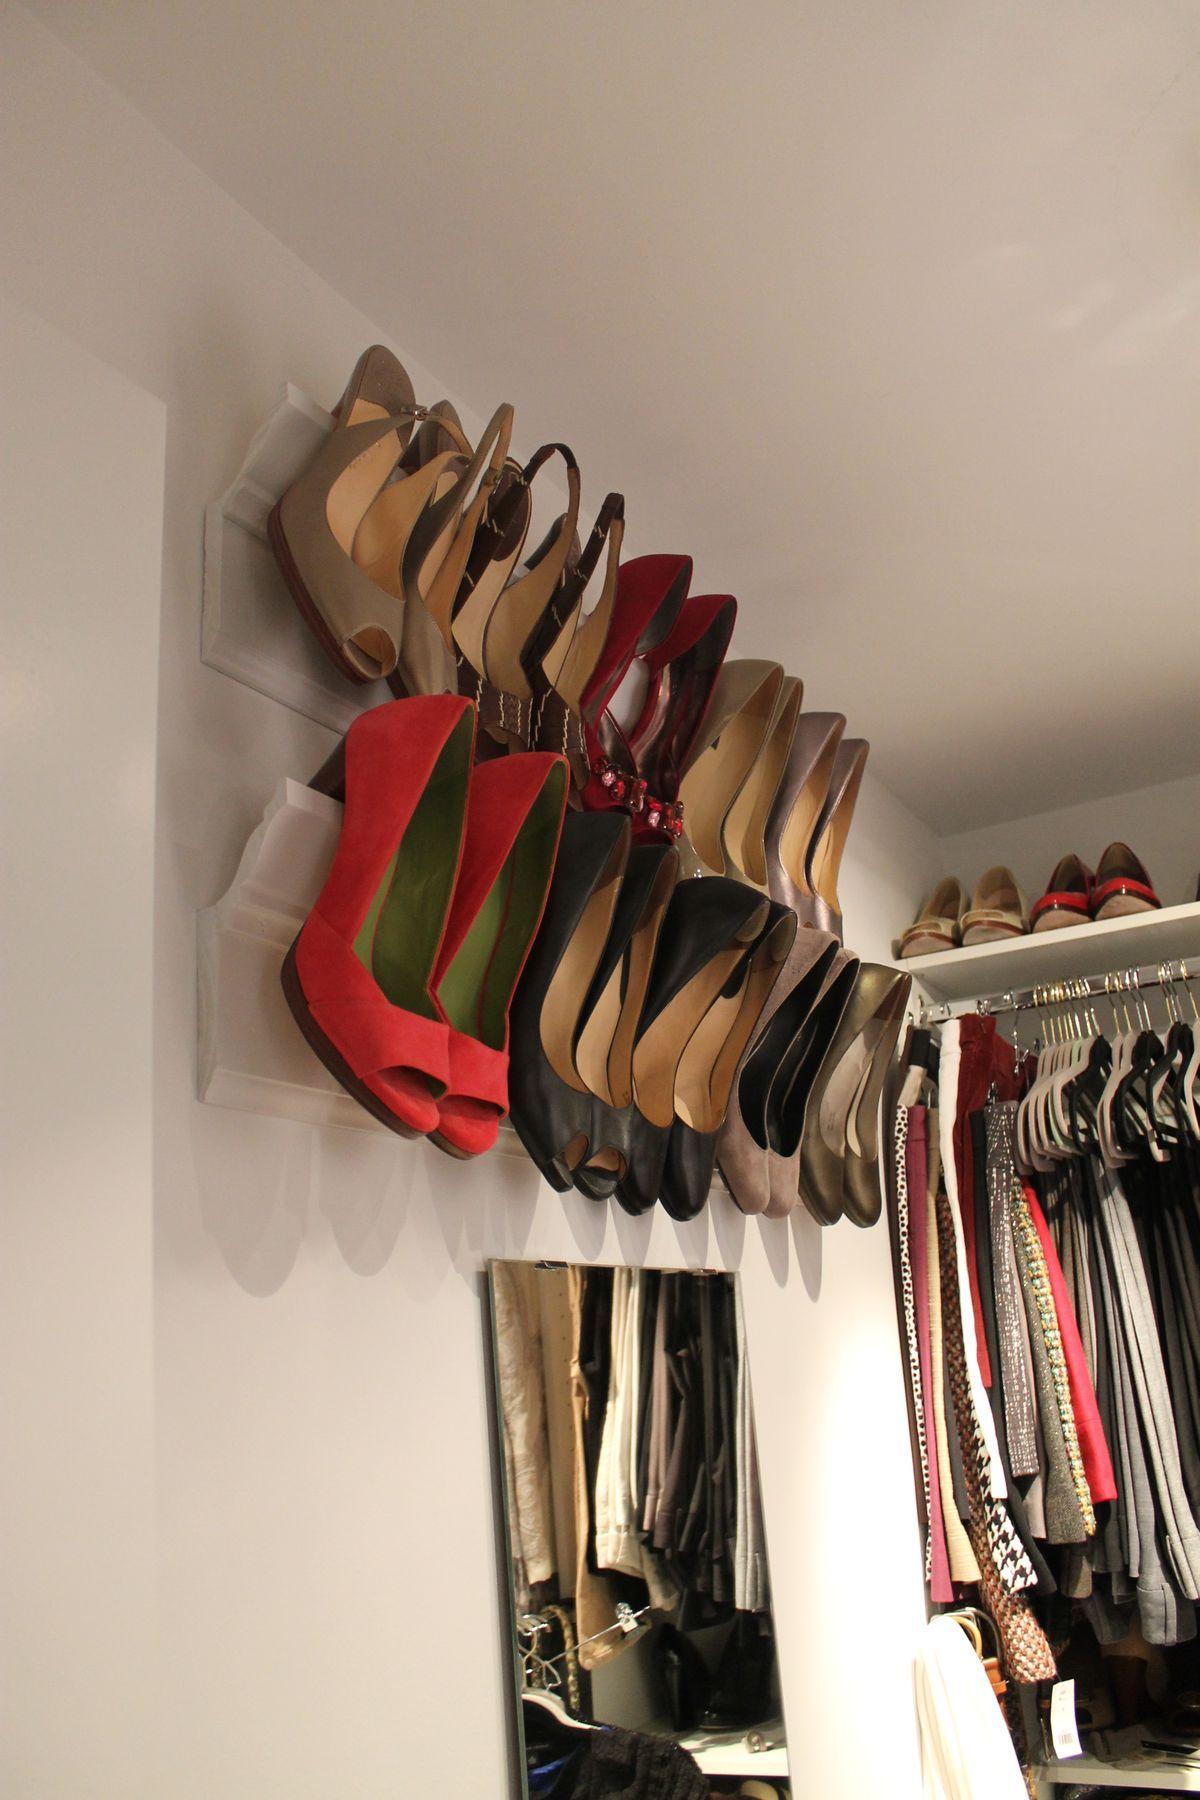 39 bonnes id es pour ranger ses chaussures rangement bonnes id es et bouteilles de vin. Black Bedroom Furniture Sets. Home Design Ideas